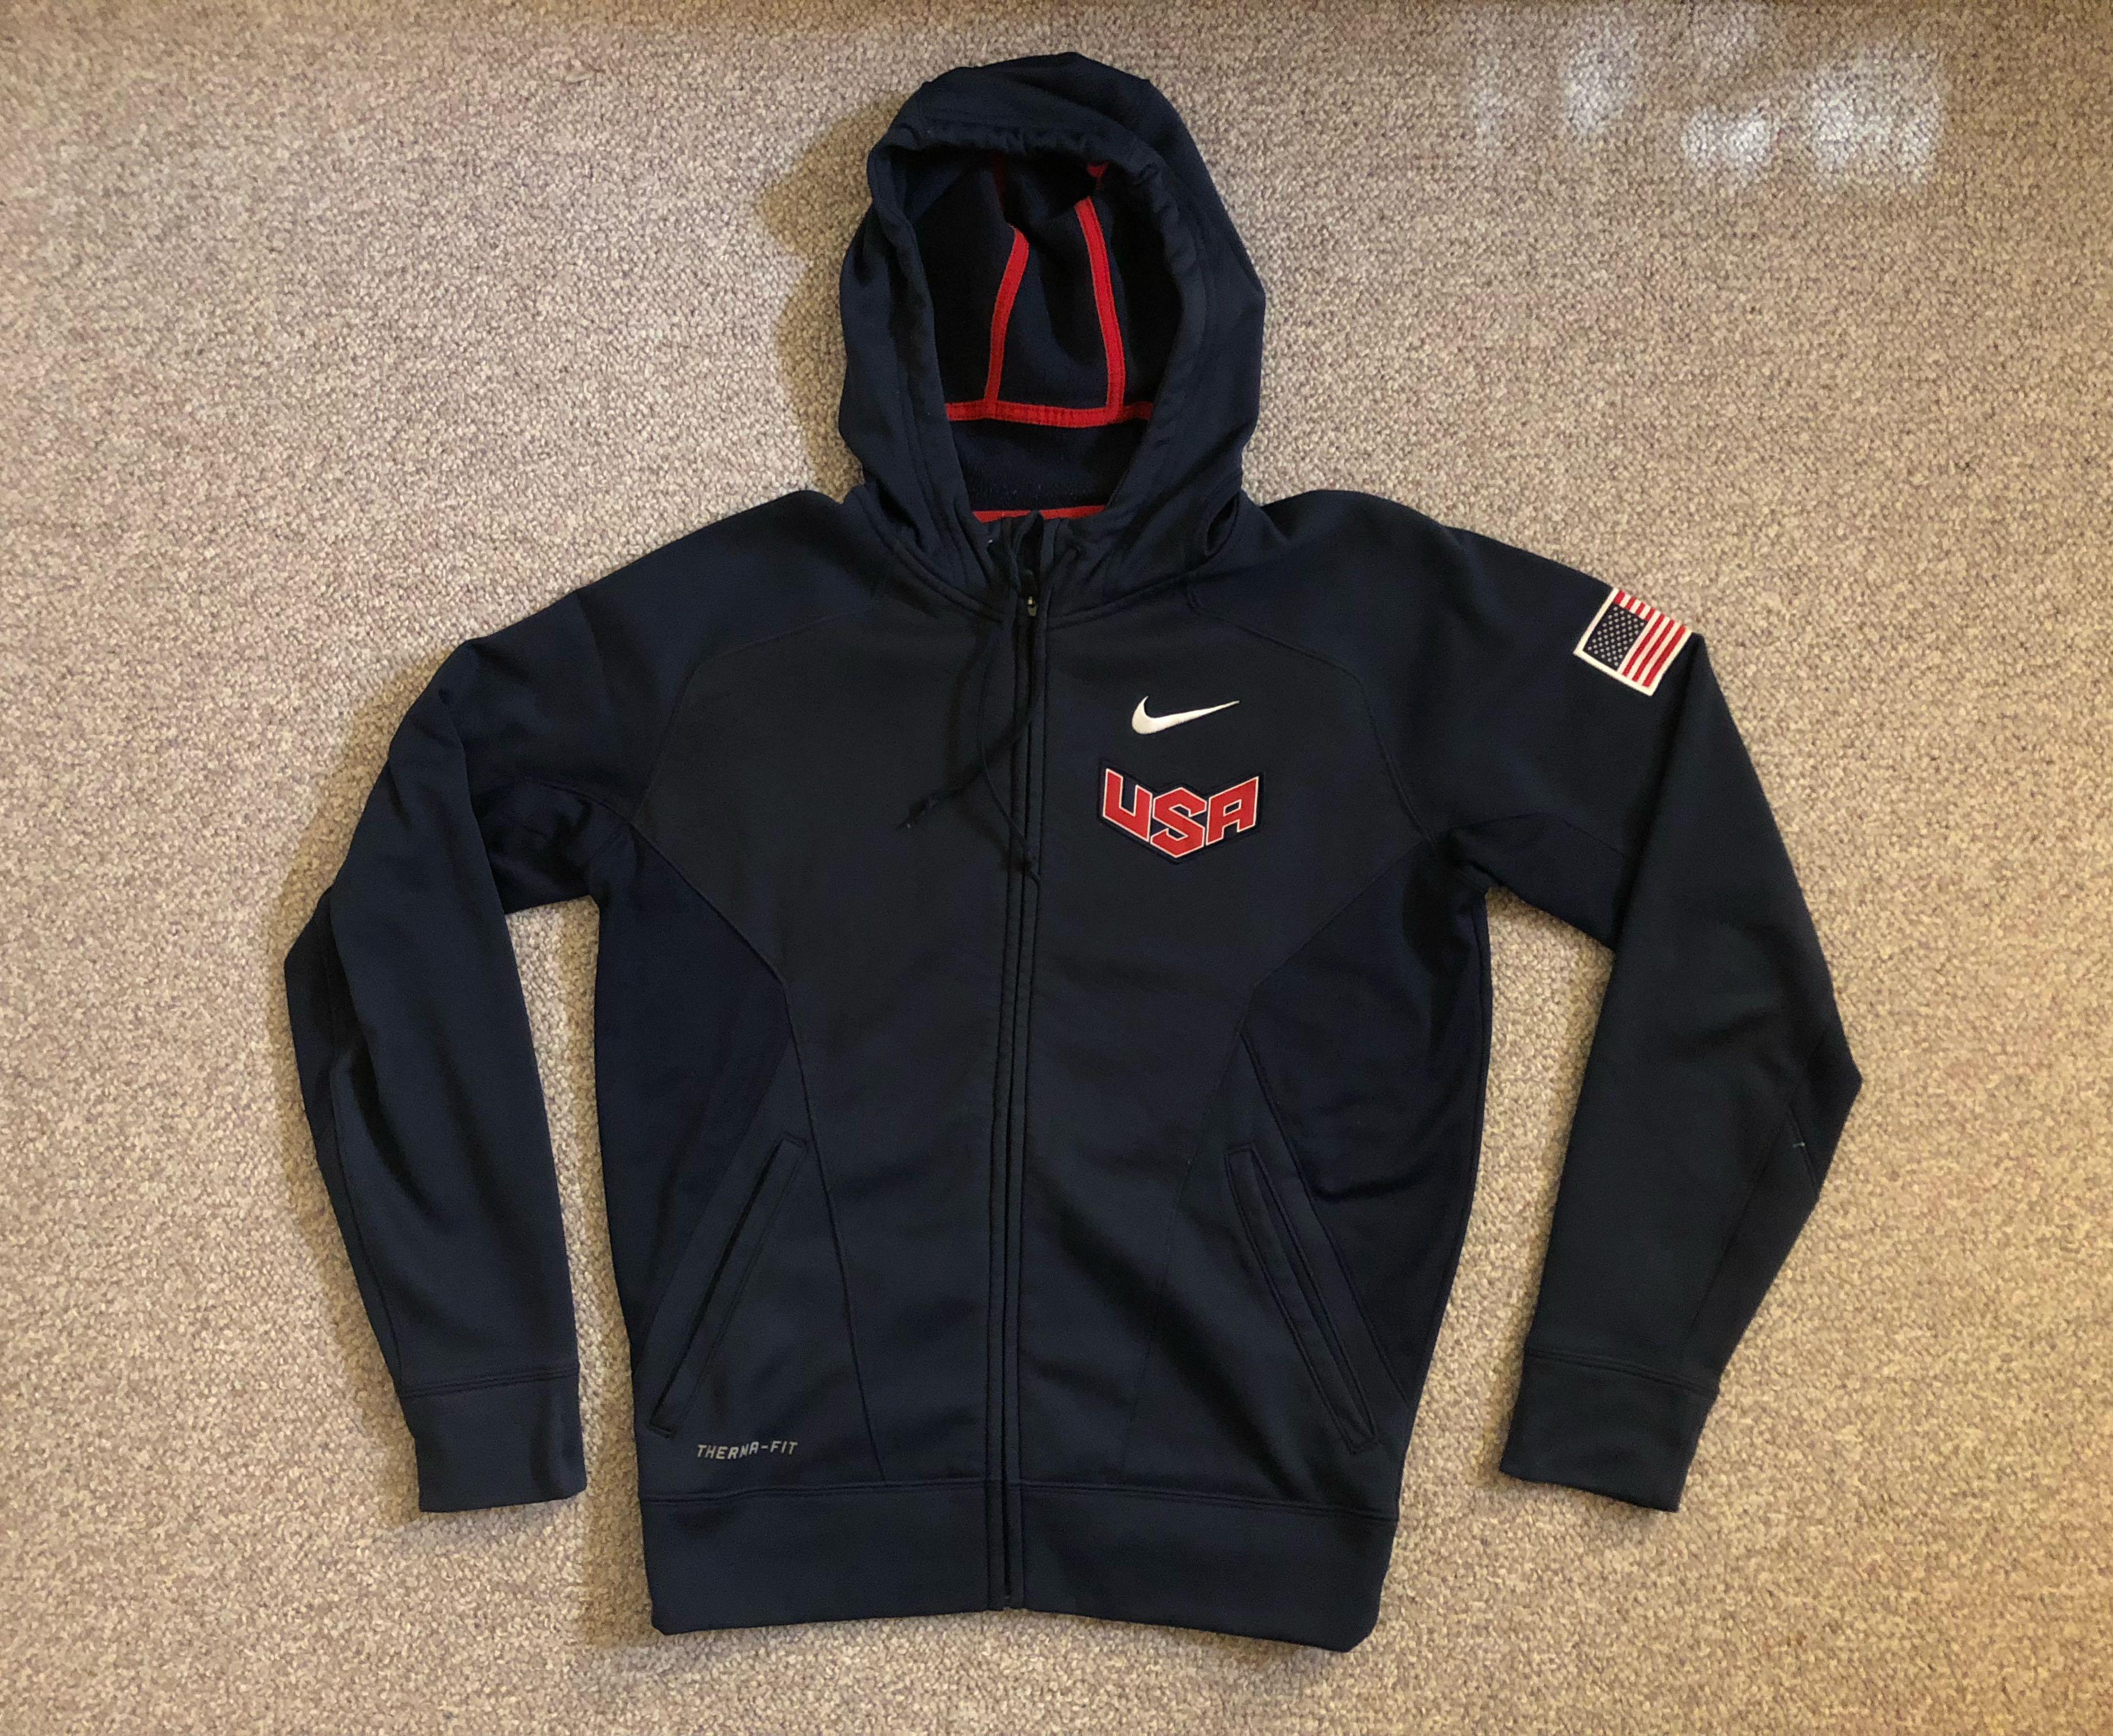 Nike USA Team Jacket